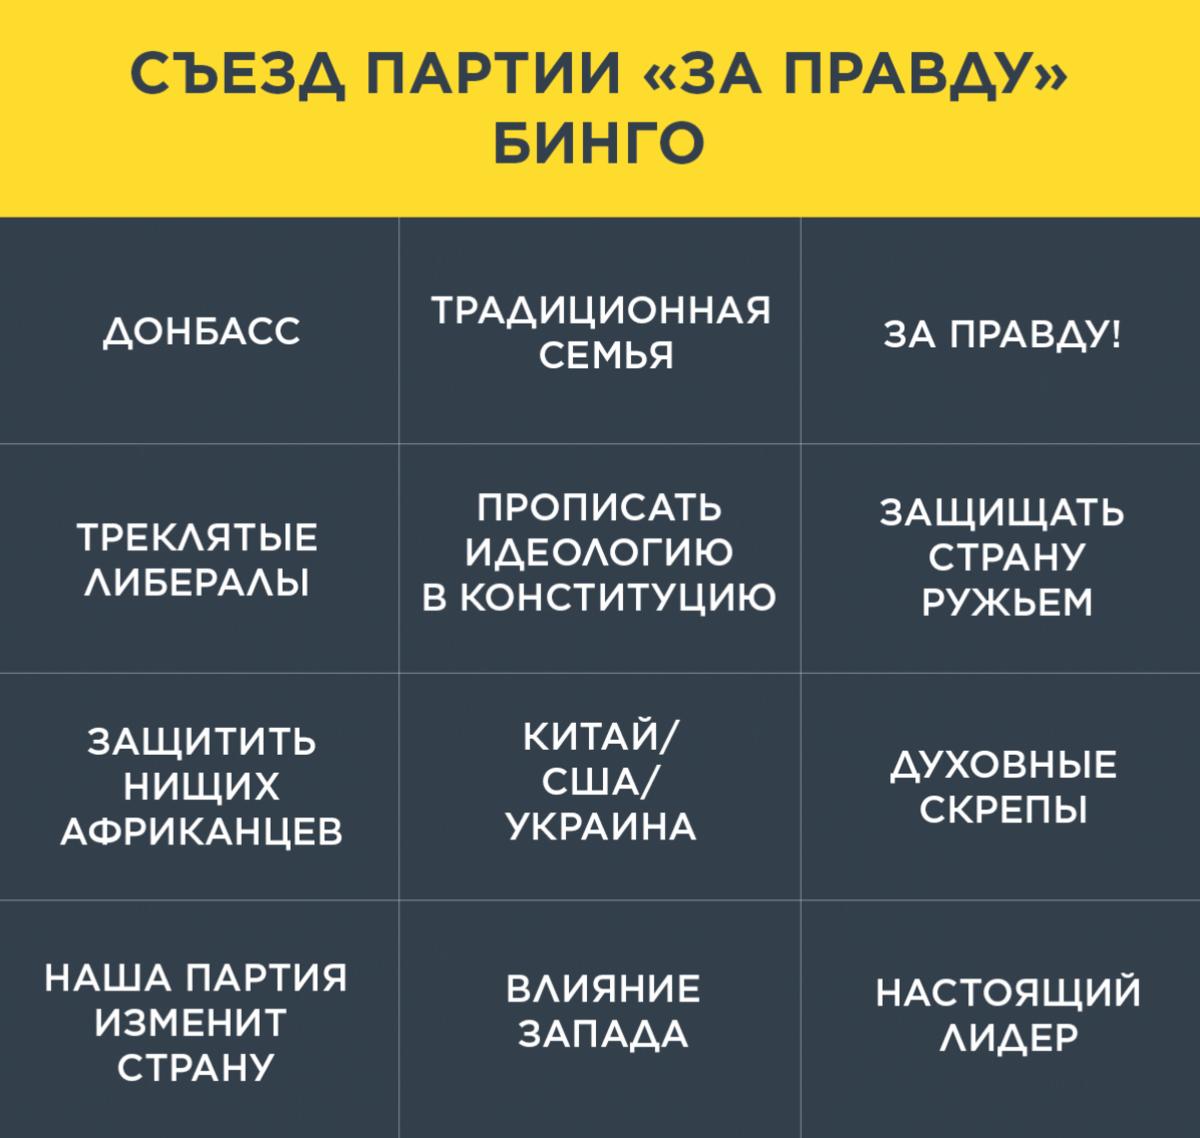 Духовные скрепы — русский эксперт